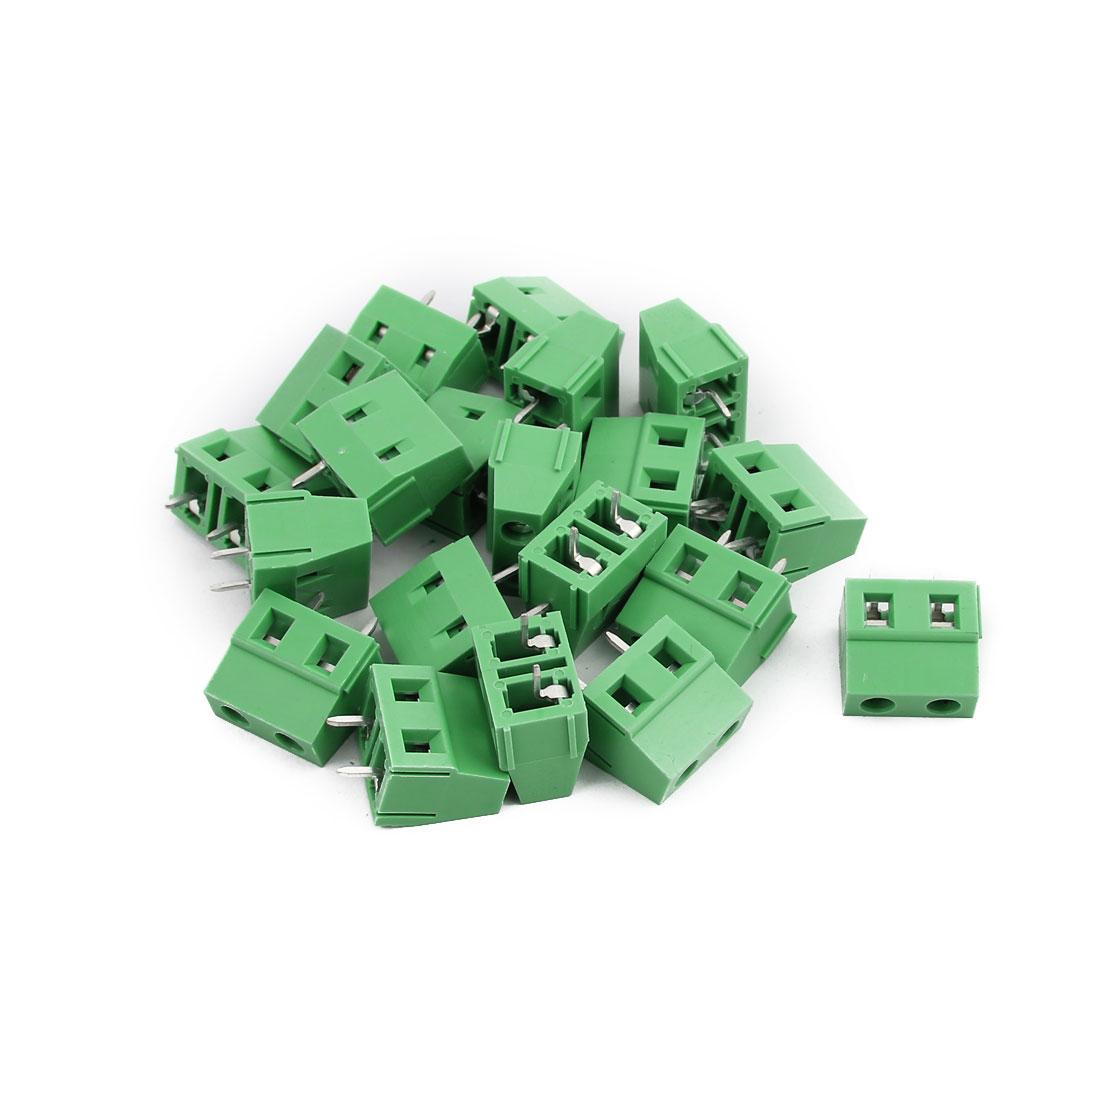 20Pcs KF128 AWG24-12 AC300V 10A 2P 7.62mm Pitch Screw PCB Terminal Blocks Green